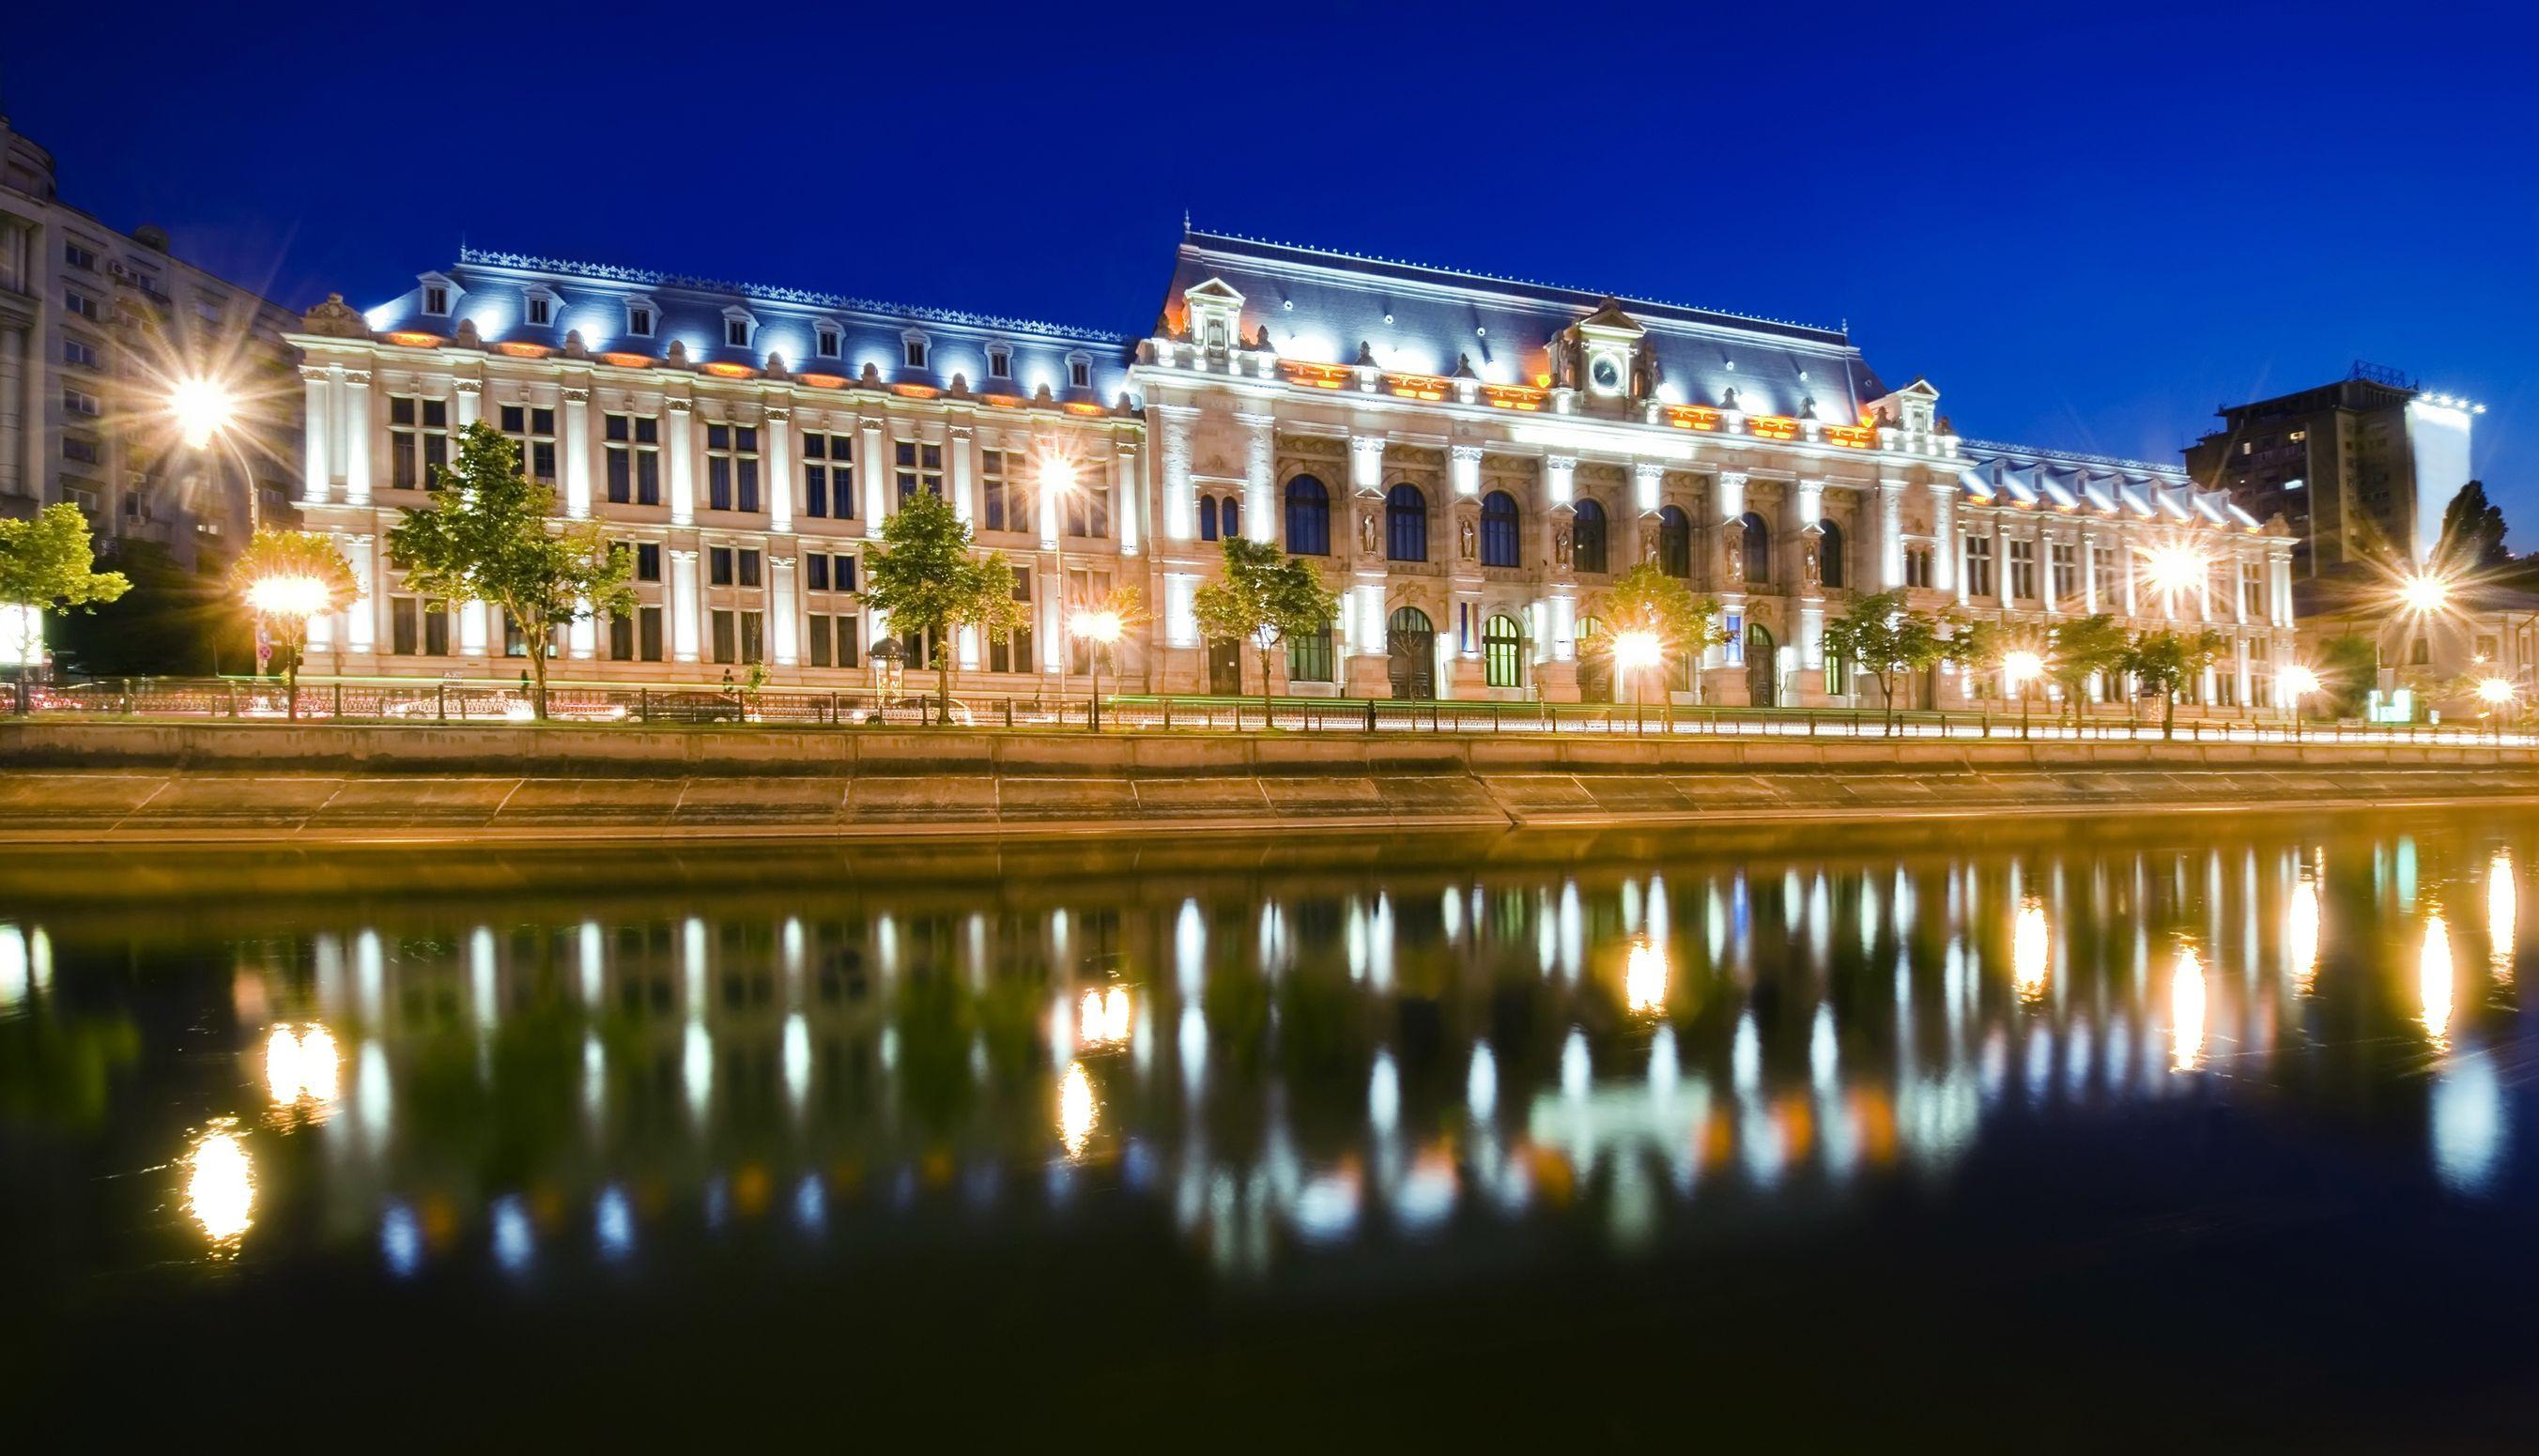 EUToday: Fautre, directorul Human Rights Without Frontiers - România abuzează de sistemul Mandatului european de arestare, combaterea corupţiei este politizată